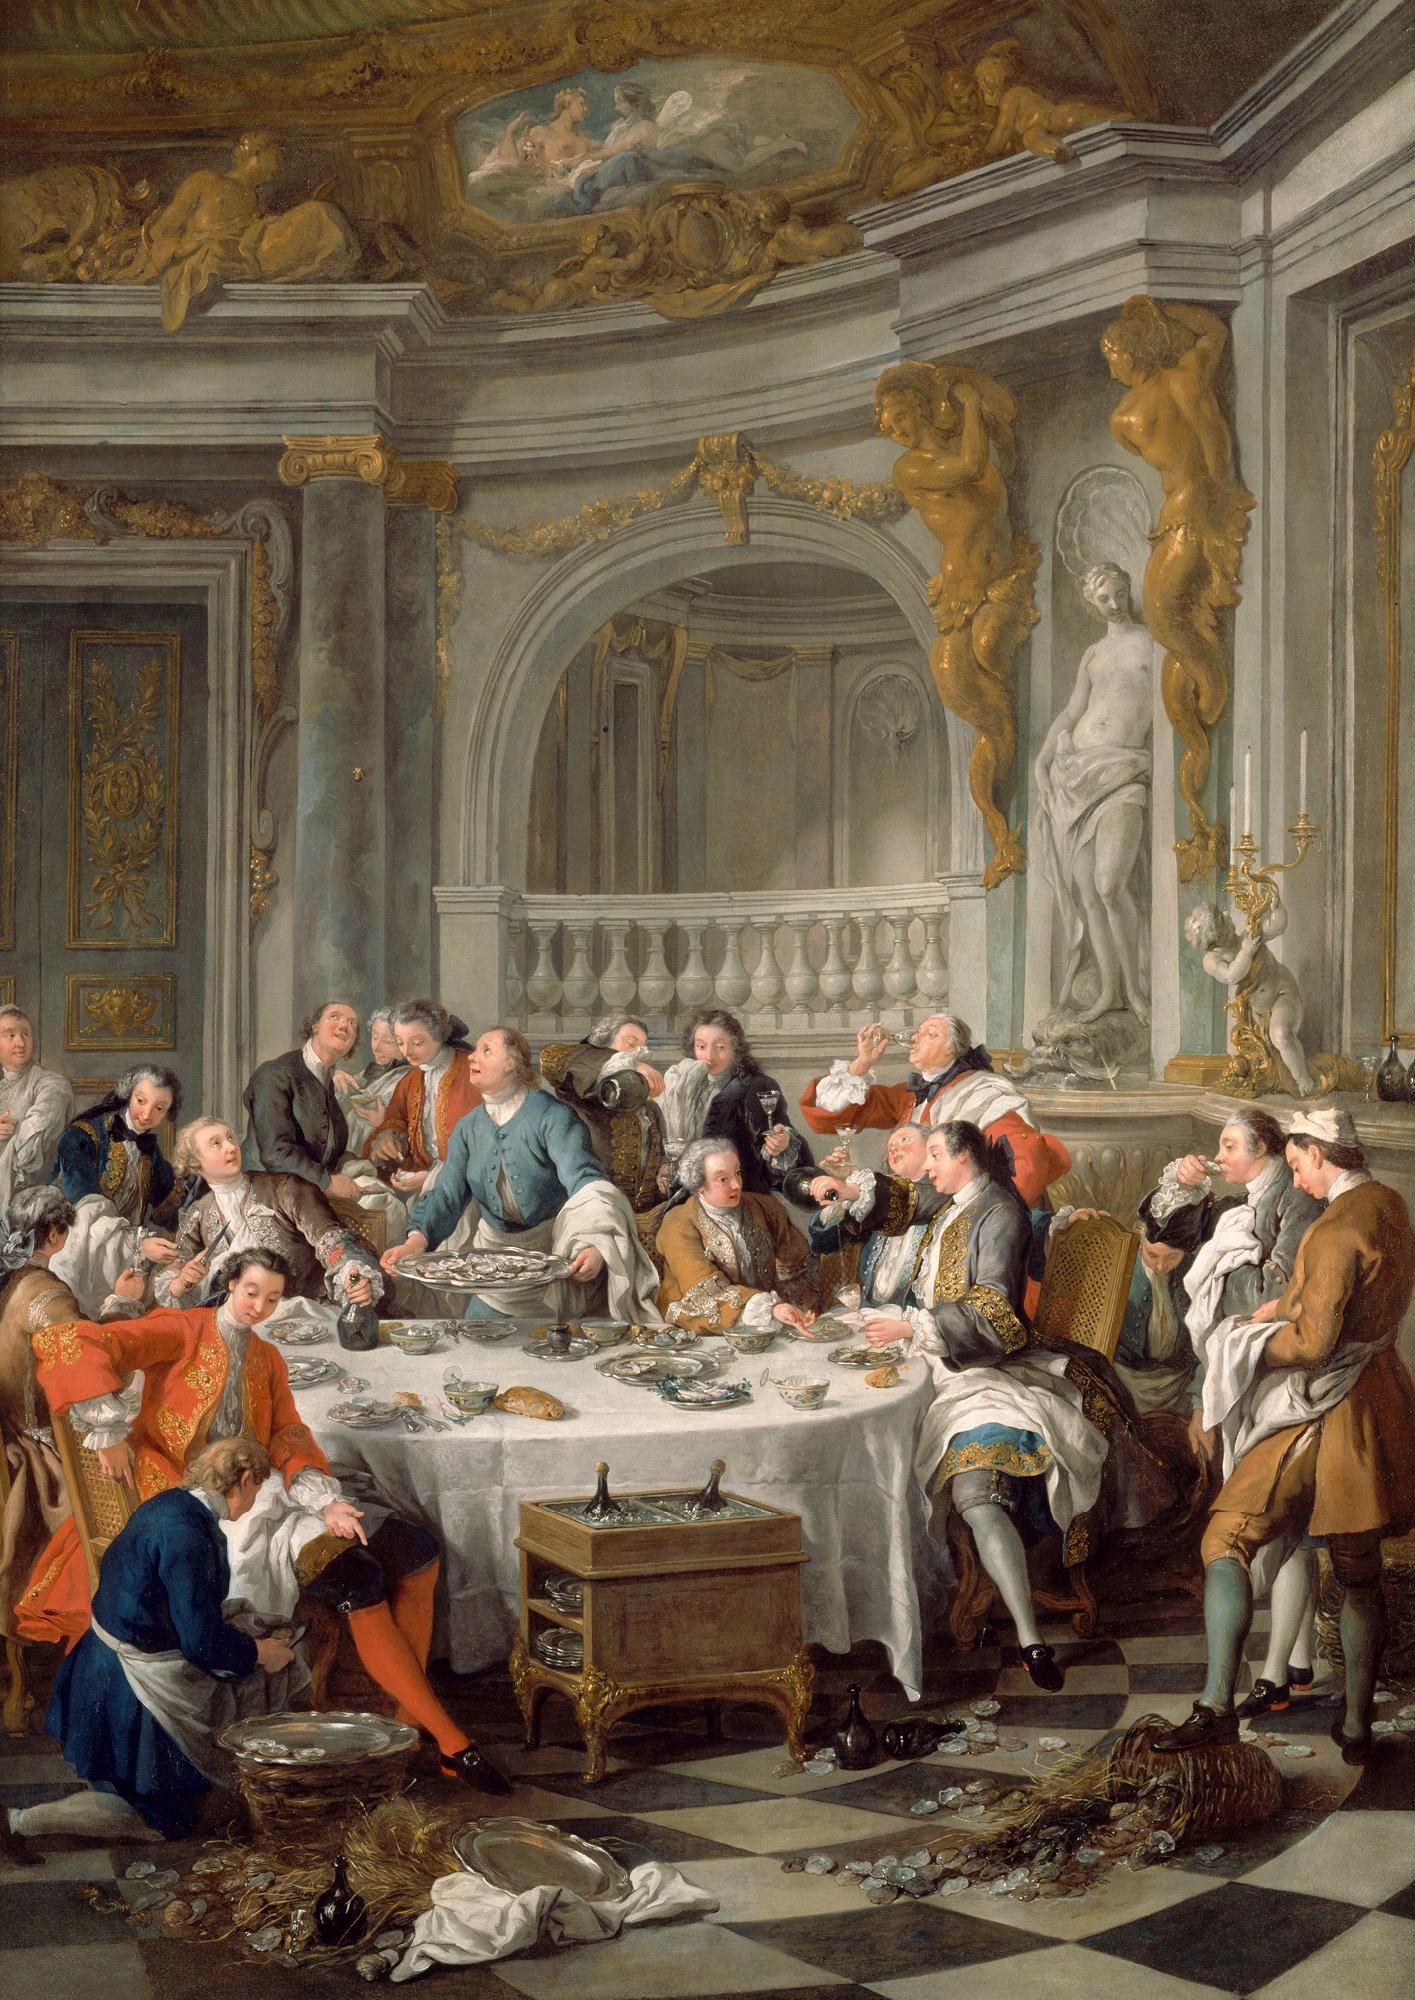 The Hotel has an 18th-century dining concept. Le Déjeuner d'Huîtres» (The Oyster Lunch), by Jean-François de Troy 1735, Musée Condé (Chantilly, France), (C) RMN / Harry Bréjat